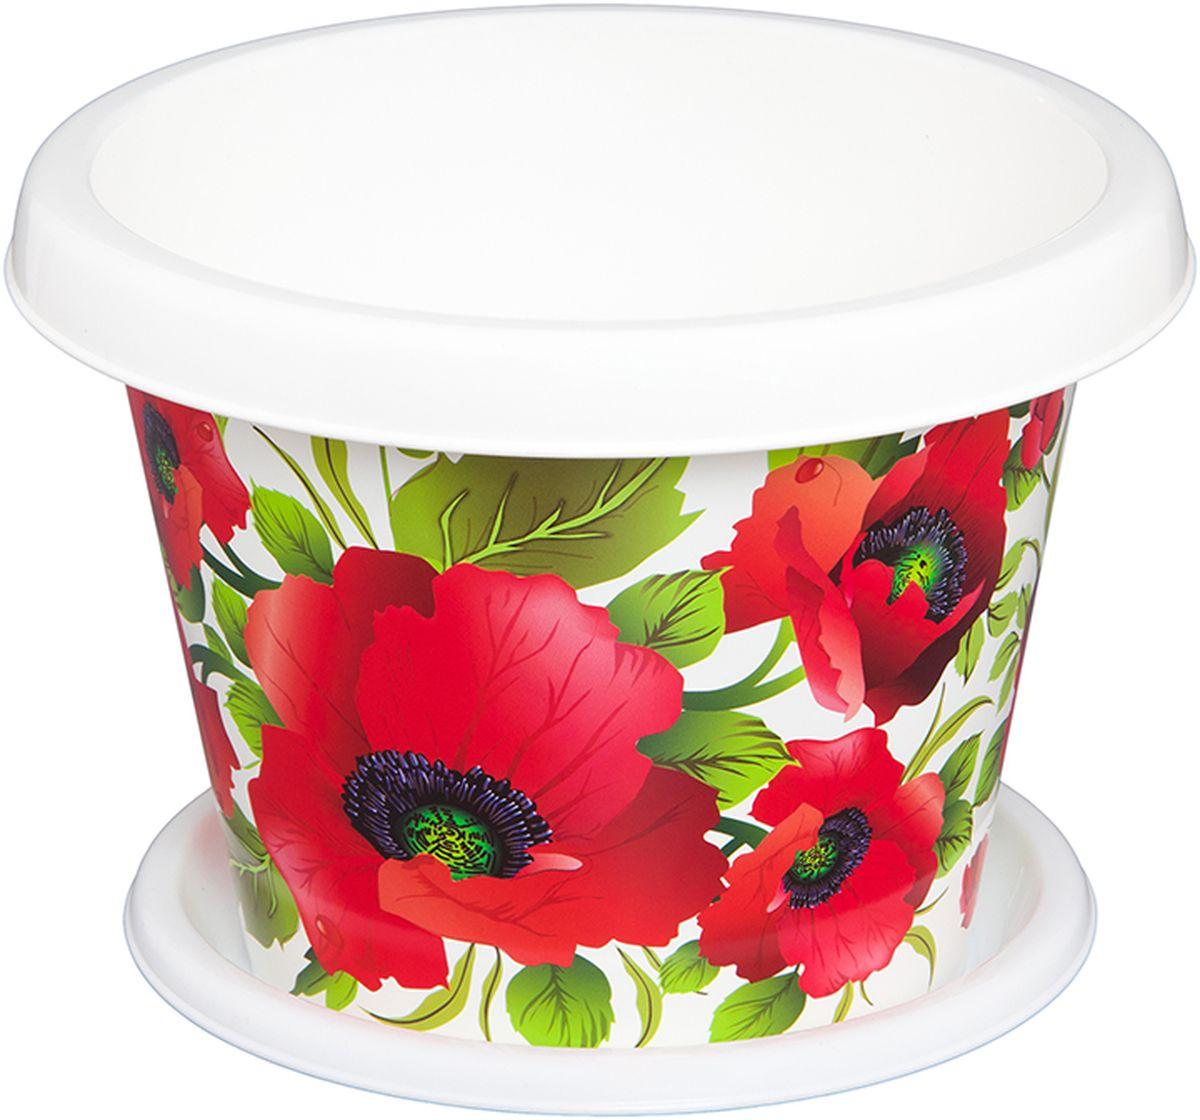 Кашпо Violet Маки, с поддоном, 8 л811181Кашпо Violet изготовлено из высококачественного пластика. Специальный поддон предназначен для стока воды. Изделие прекрасно подходит для выращивания растений и цветов в домашних условиях. Лаконичный дизайн впишется в интерьер любого помещения.